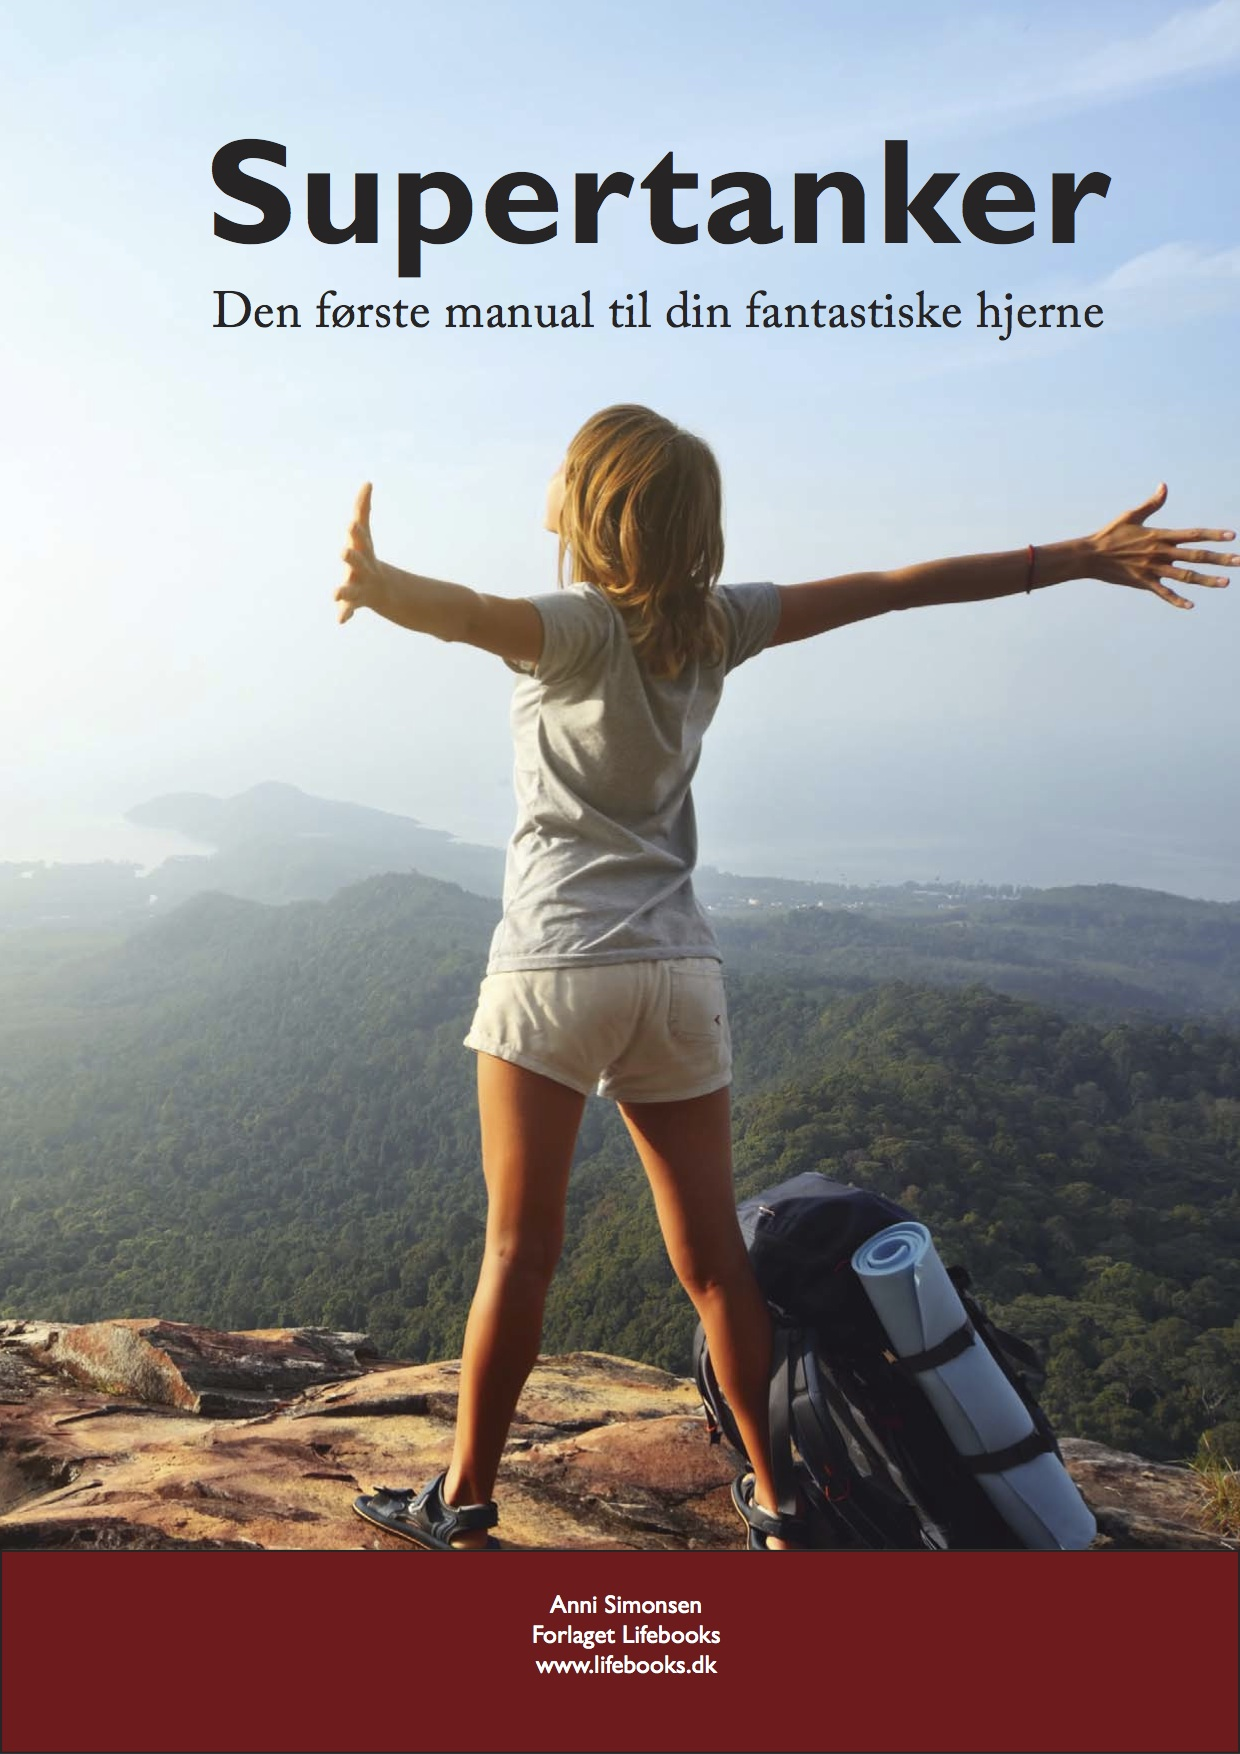 Supertanker - e-bog fra N/A på bog & mystik